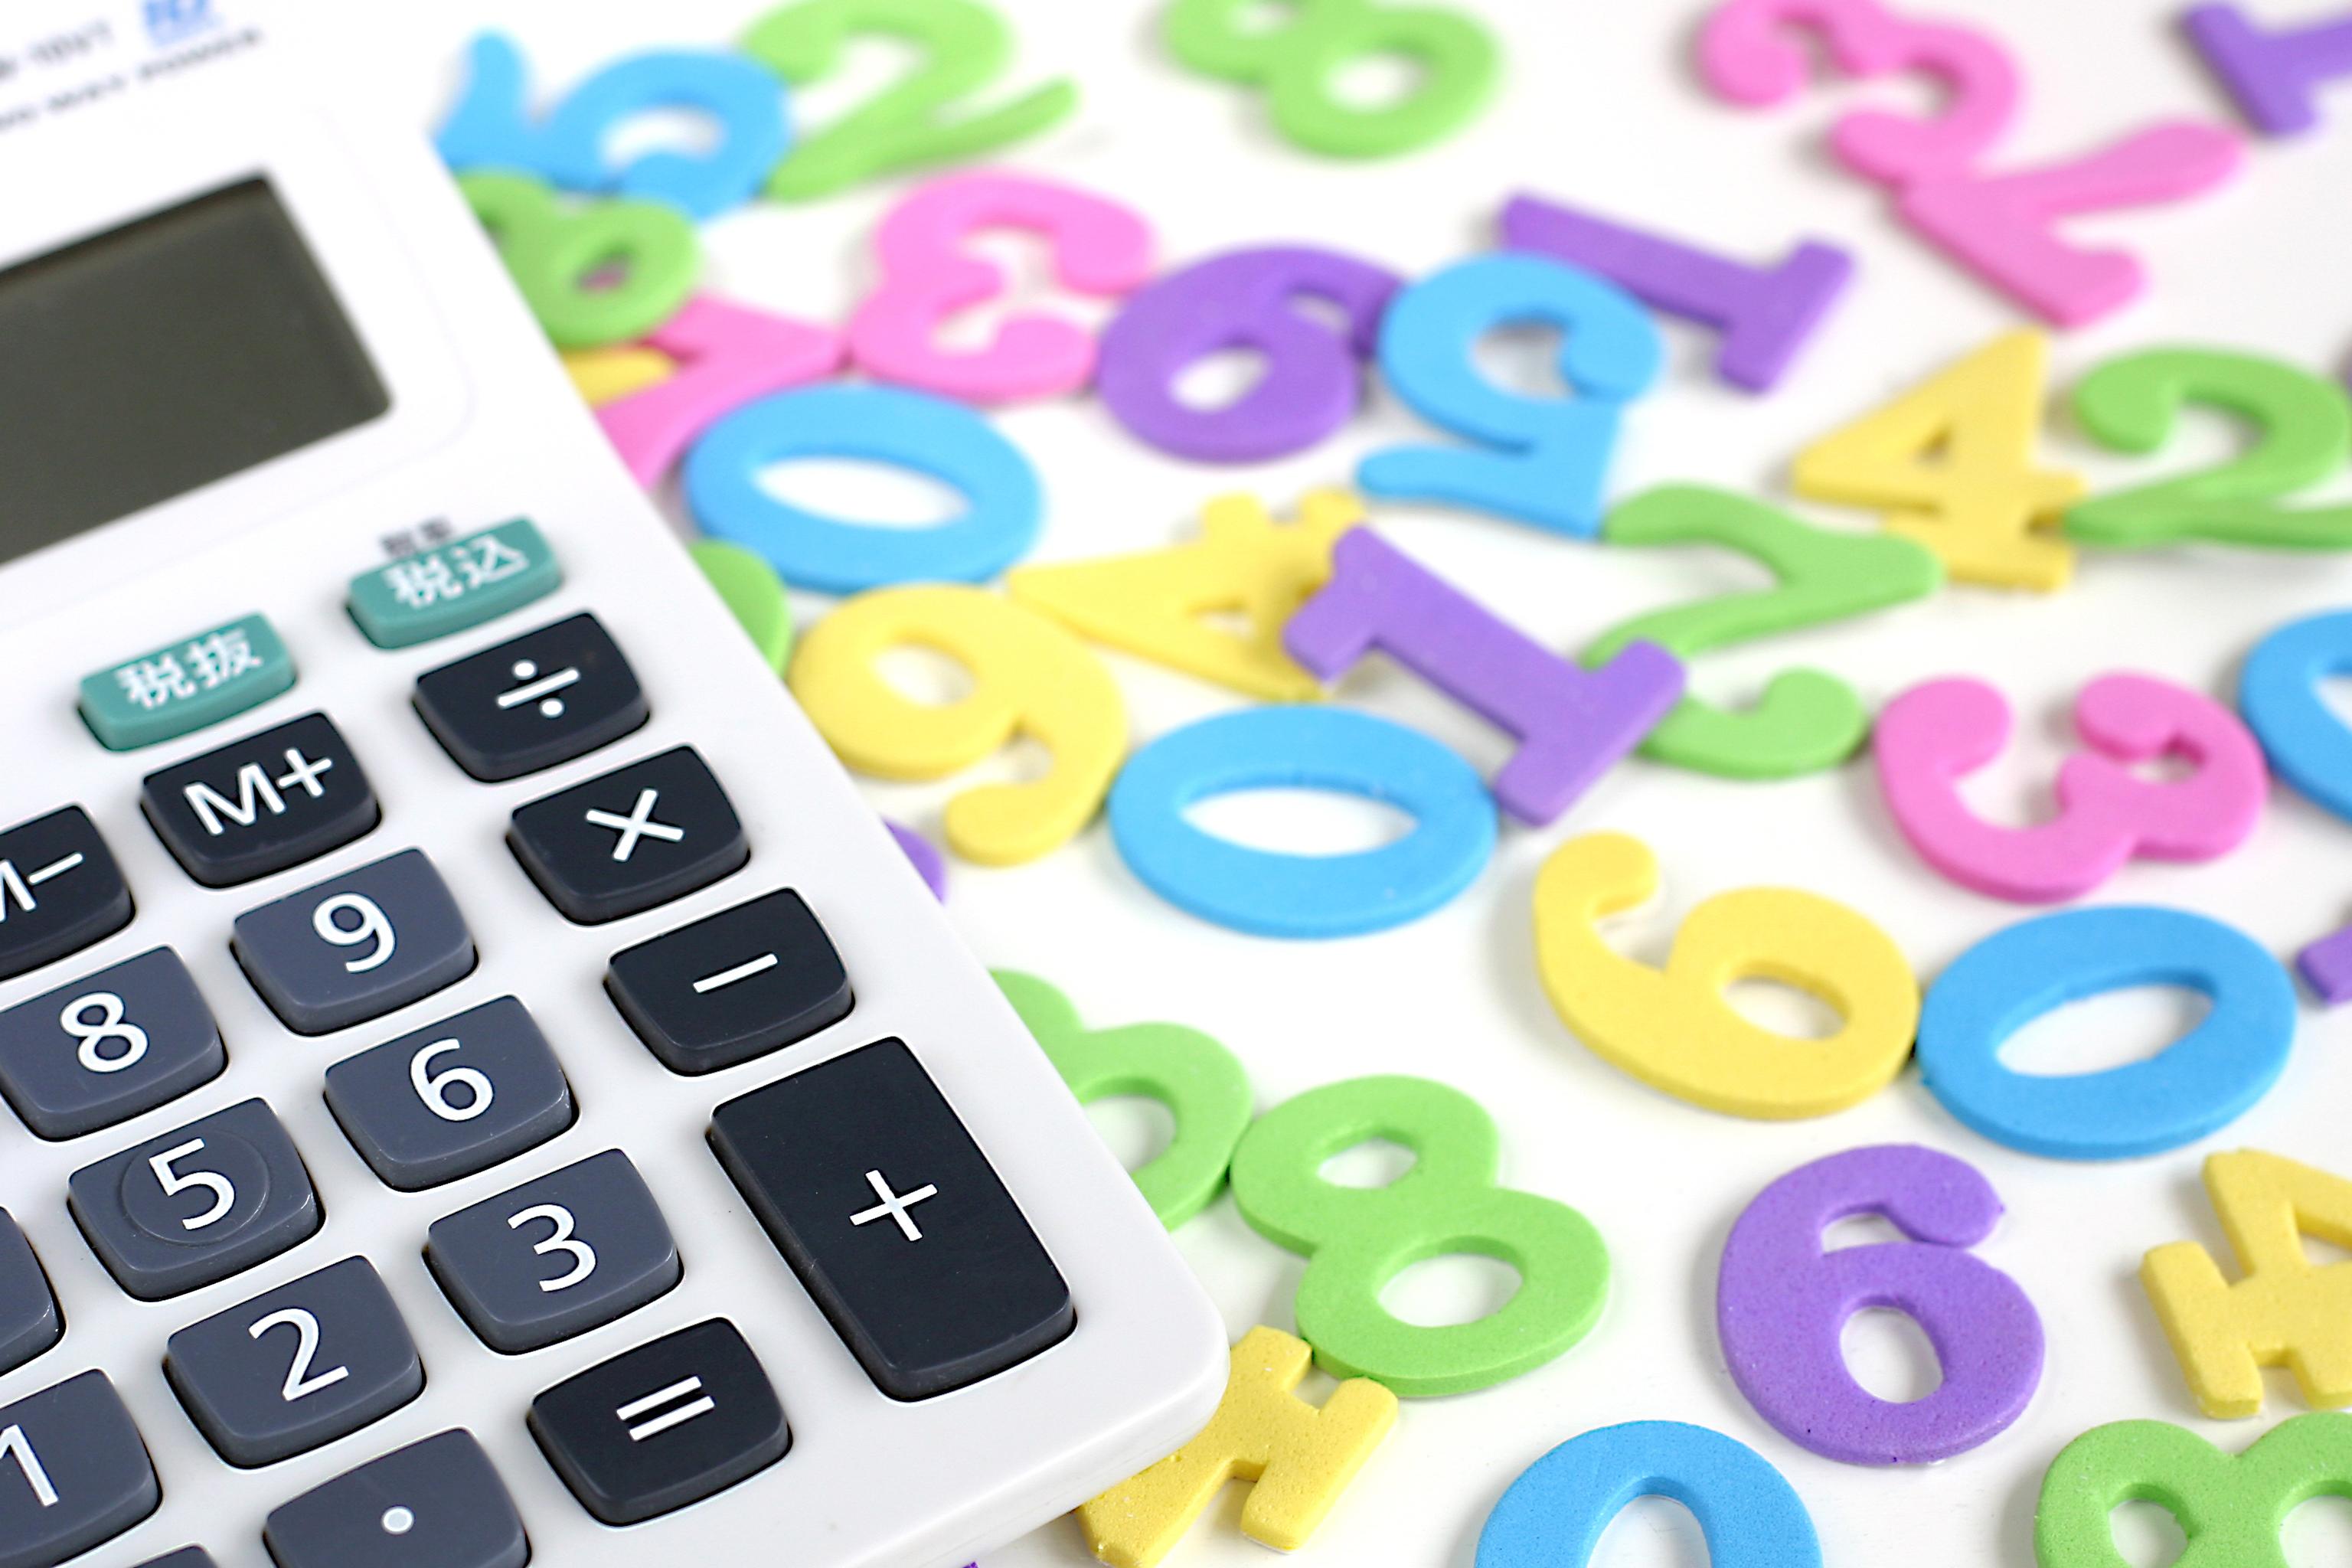 貯蓄型保険の利率をだれでも簡単に計算できる方法